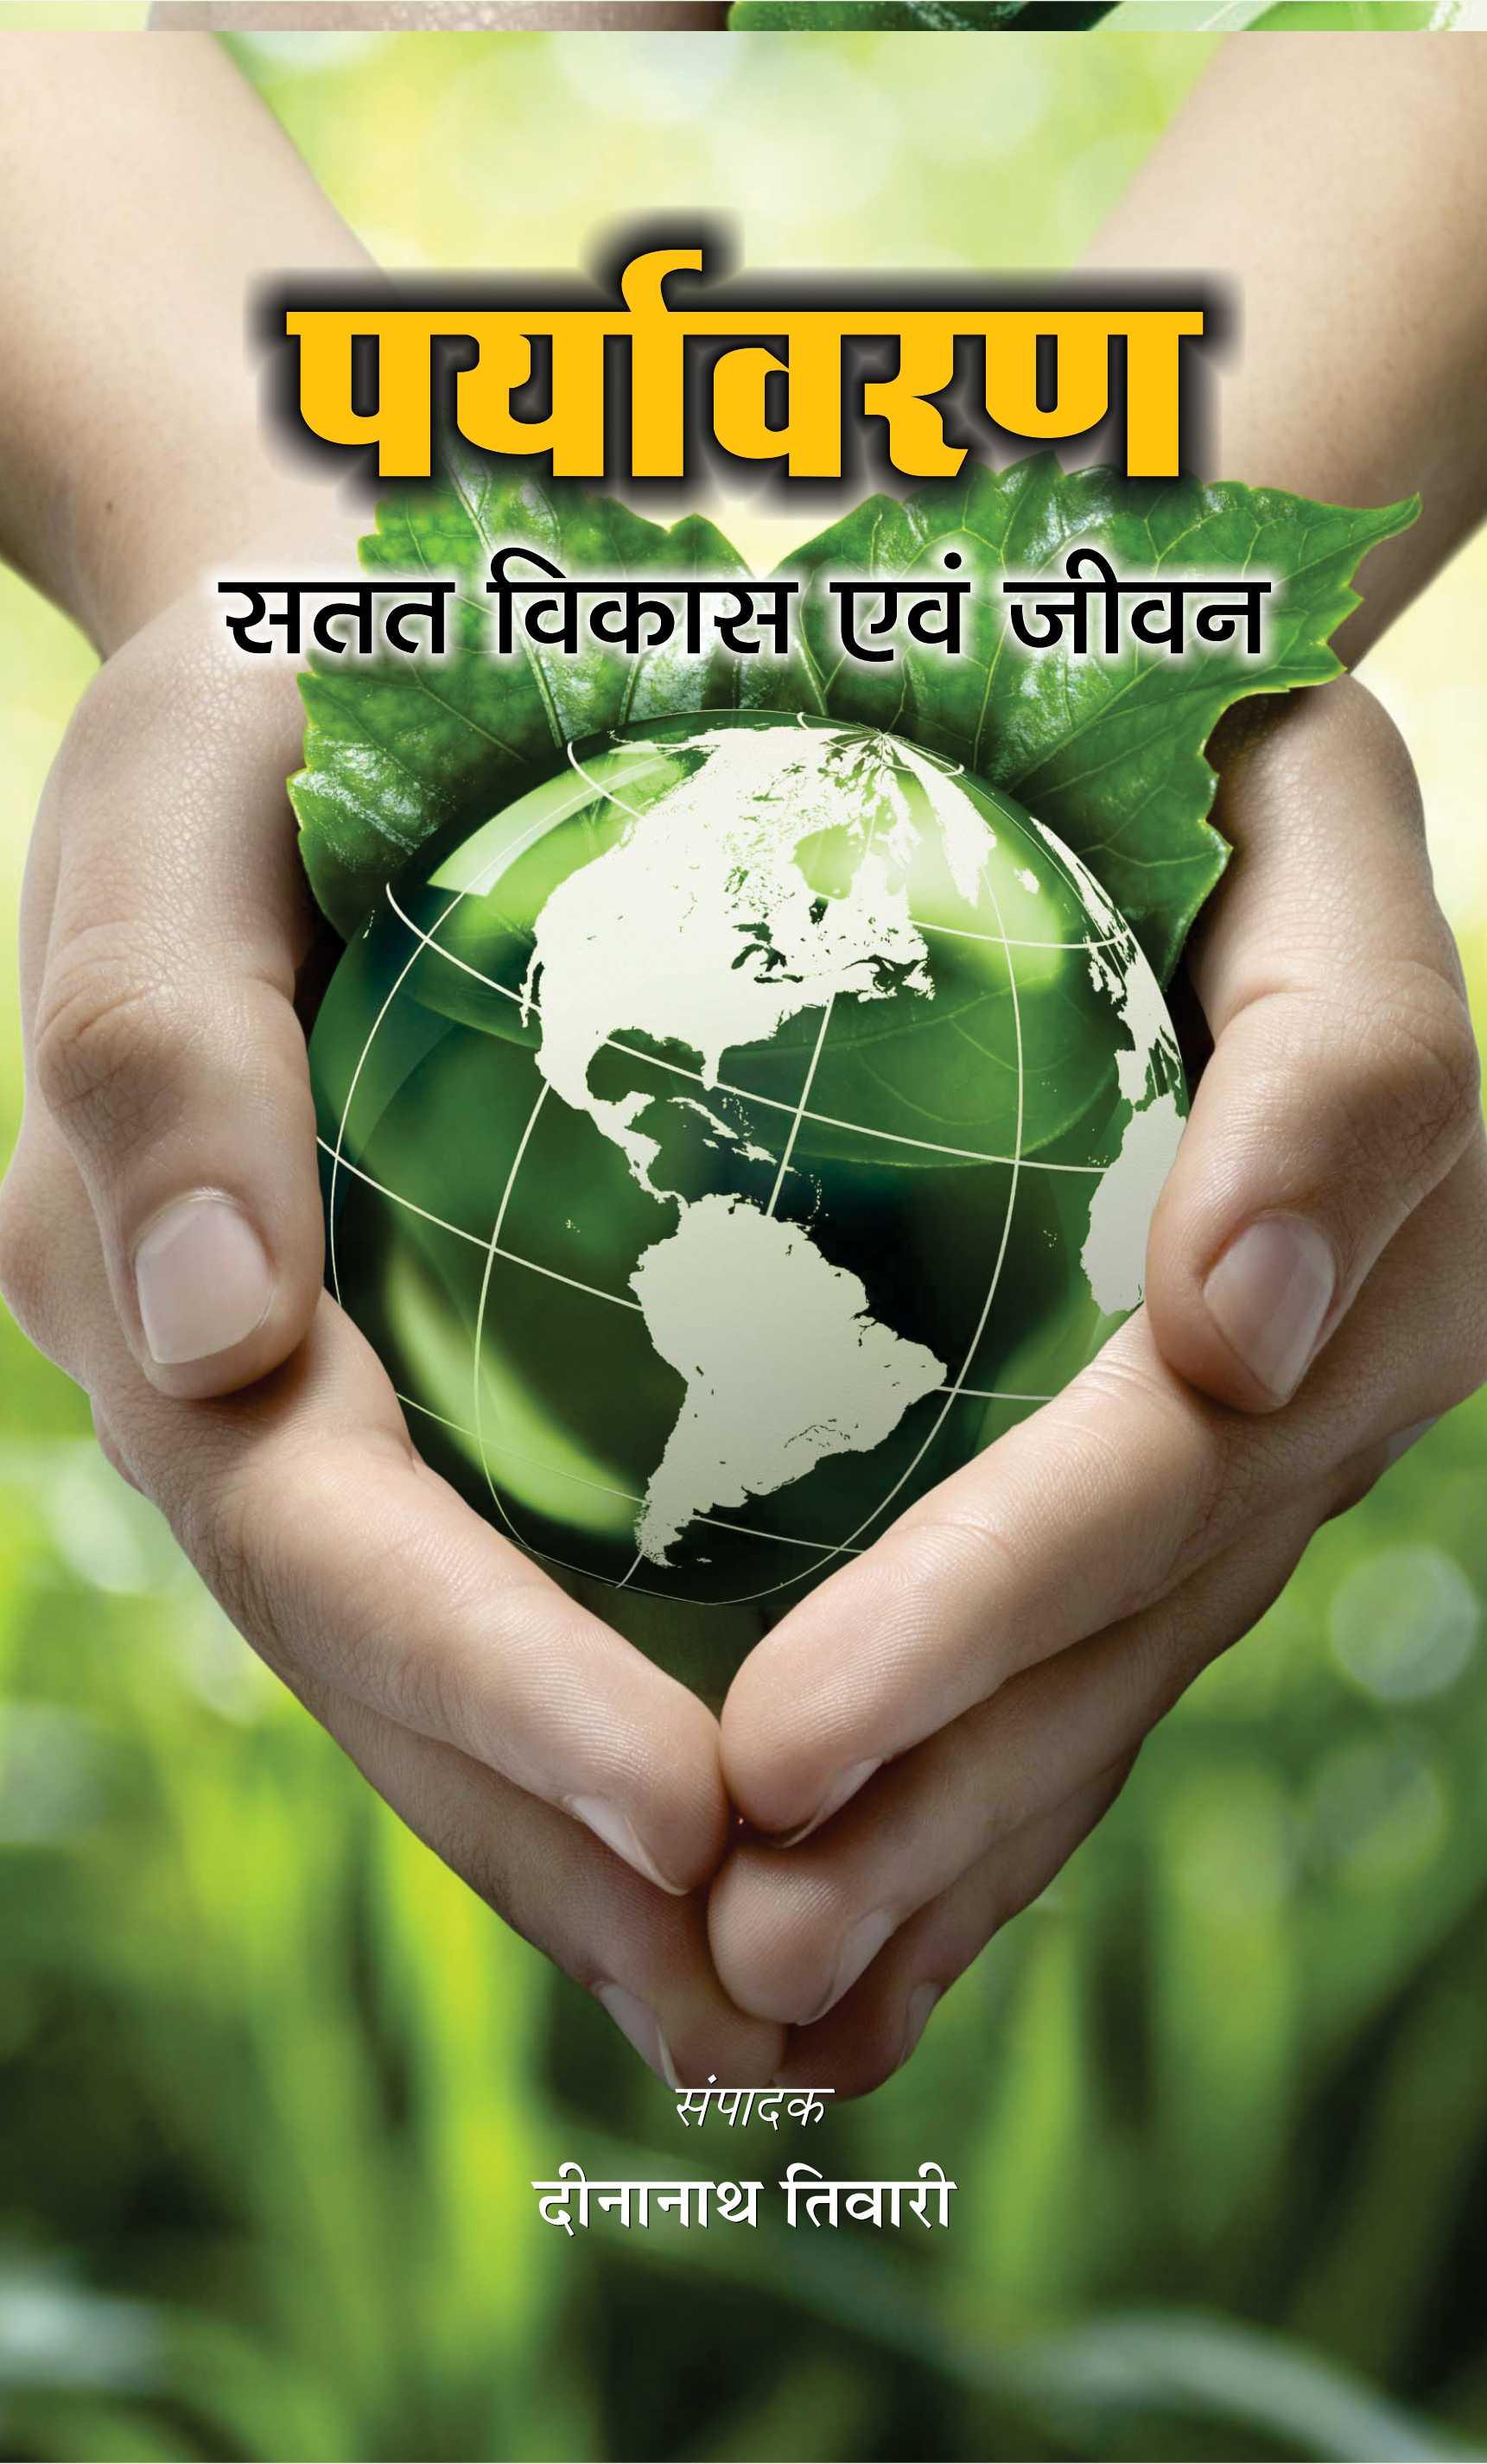 Paryavaran : Satat Vikas Evam Jeevan